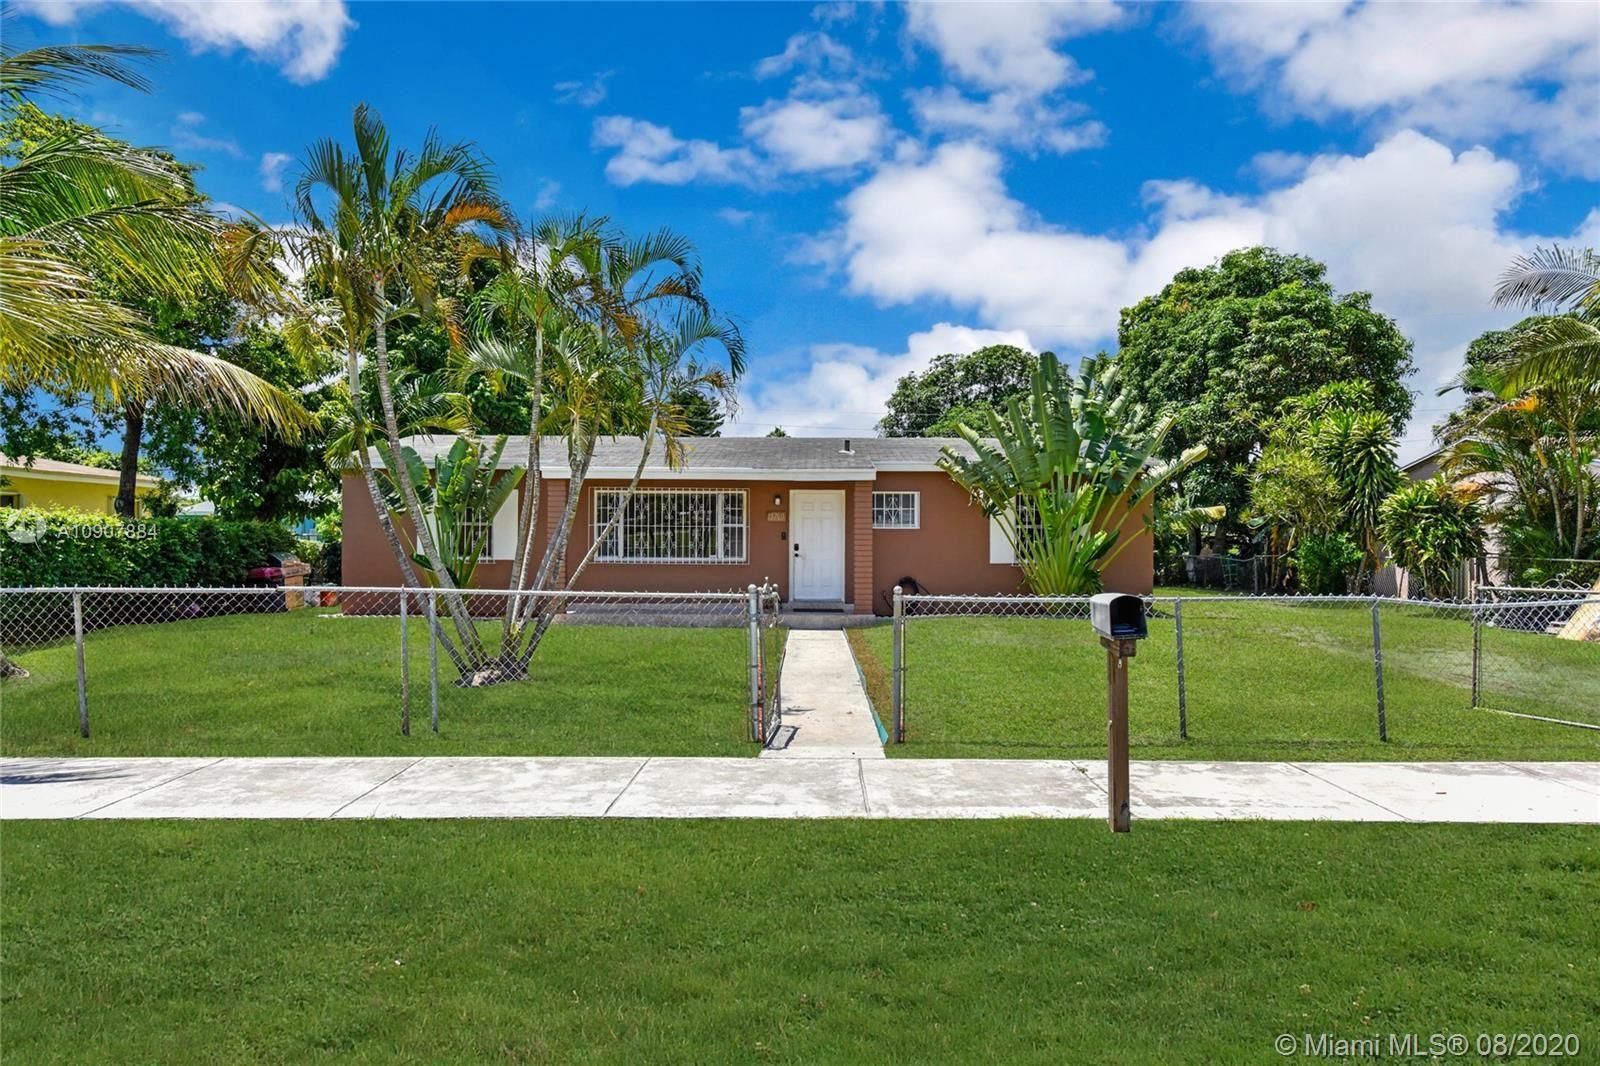 15760 NW 27th Ct, Miami Gardens, FL 33054 - #: A10907884